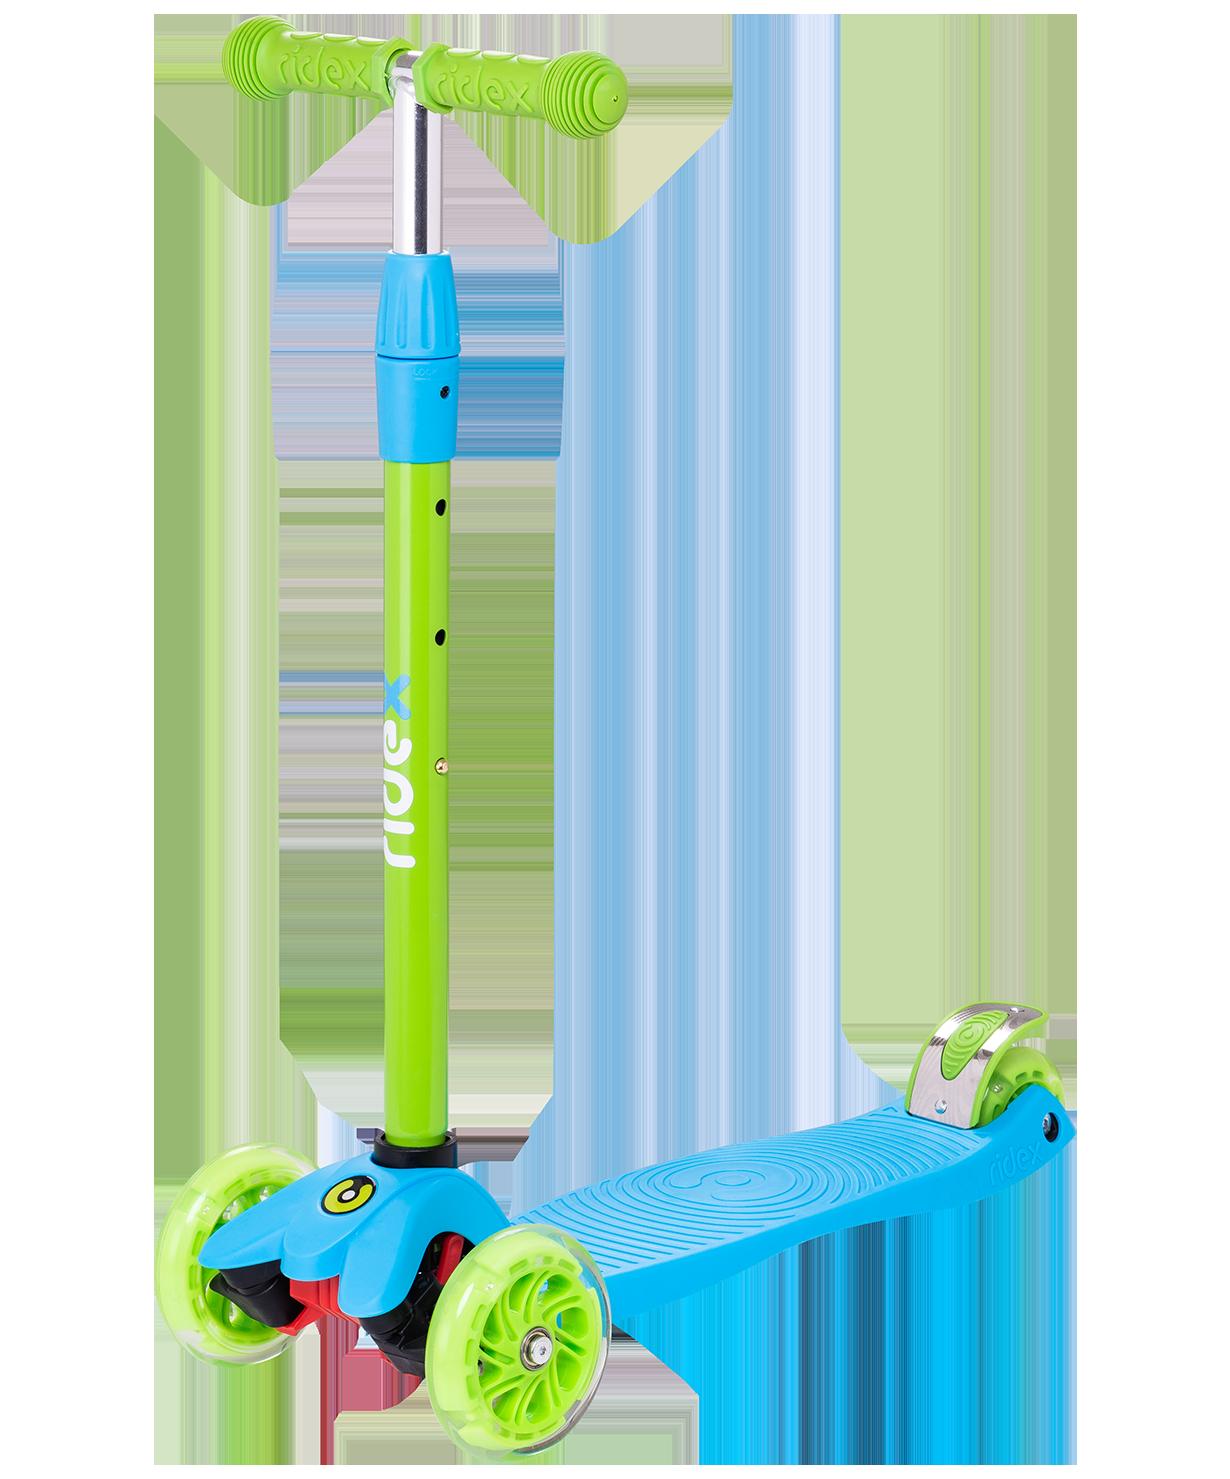 Купить Трёхколёсный самокат Ridex Snappy 2.0 3D детский голубой/зеленый со светящимися колёсами, Самокаты детские трехколесные